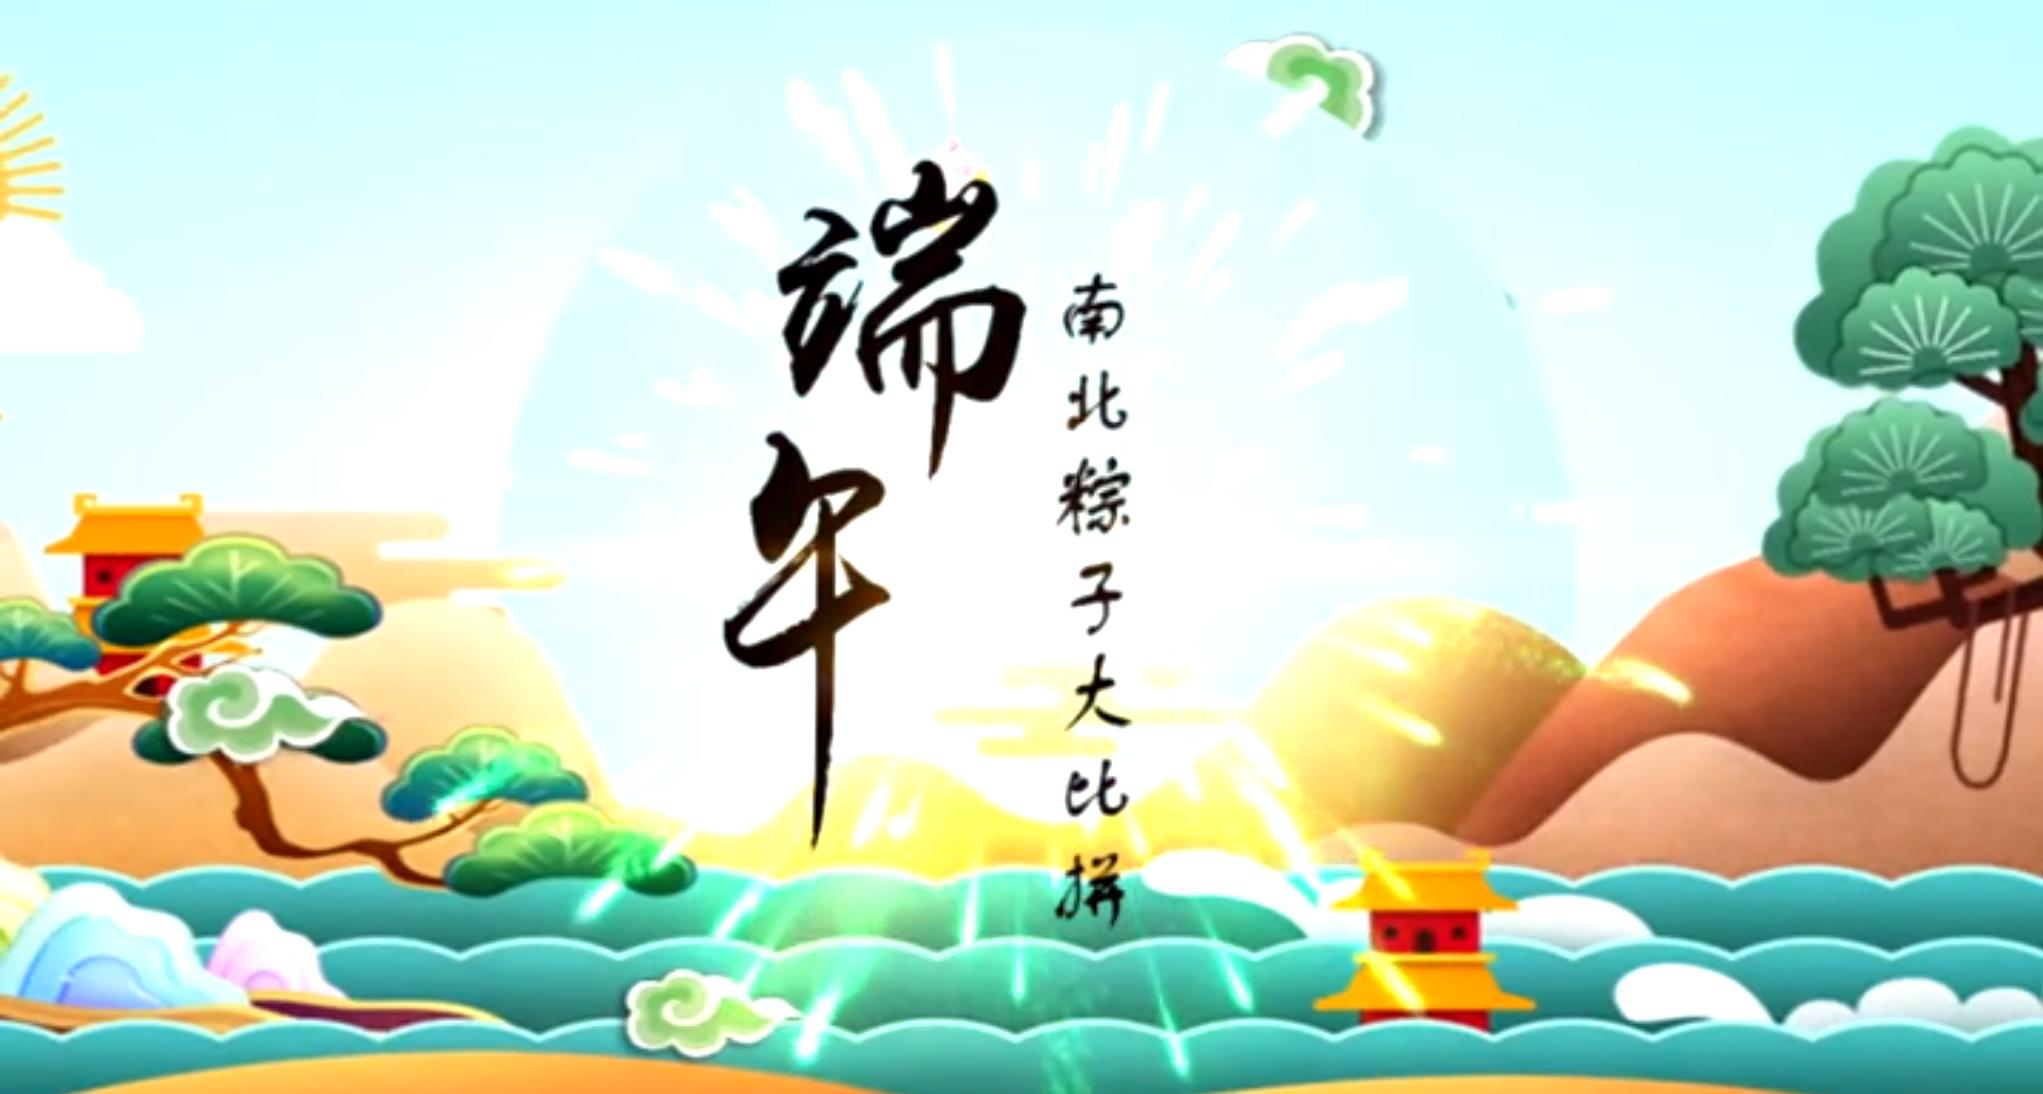 南北粽子大战,谁才是端午粽子王?